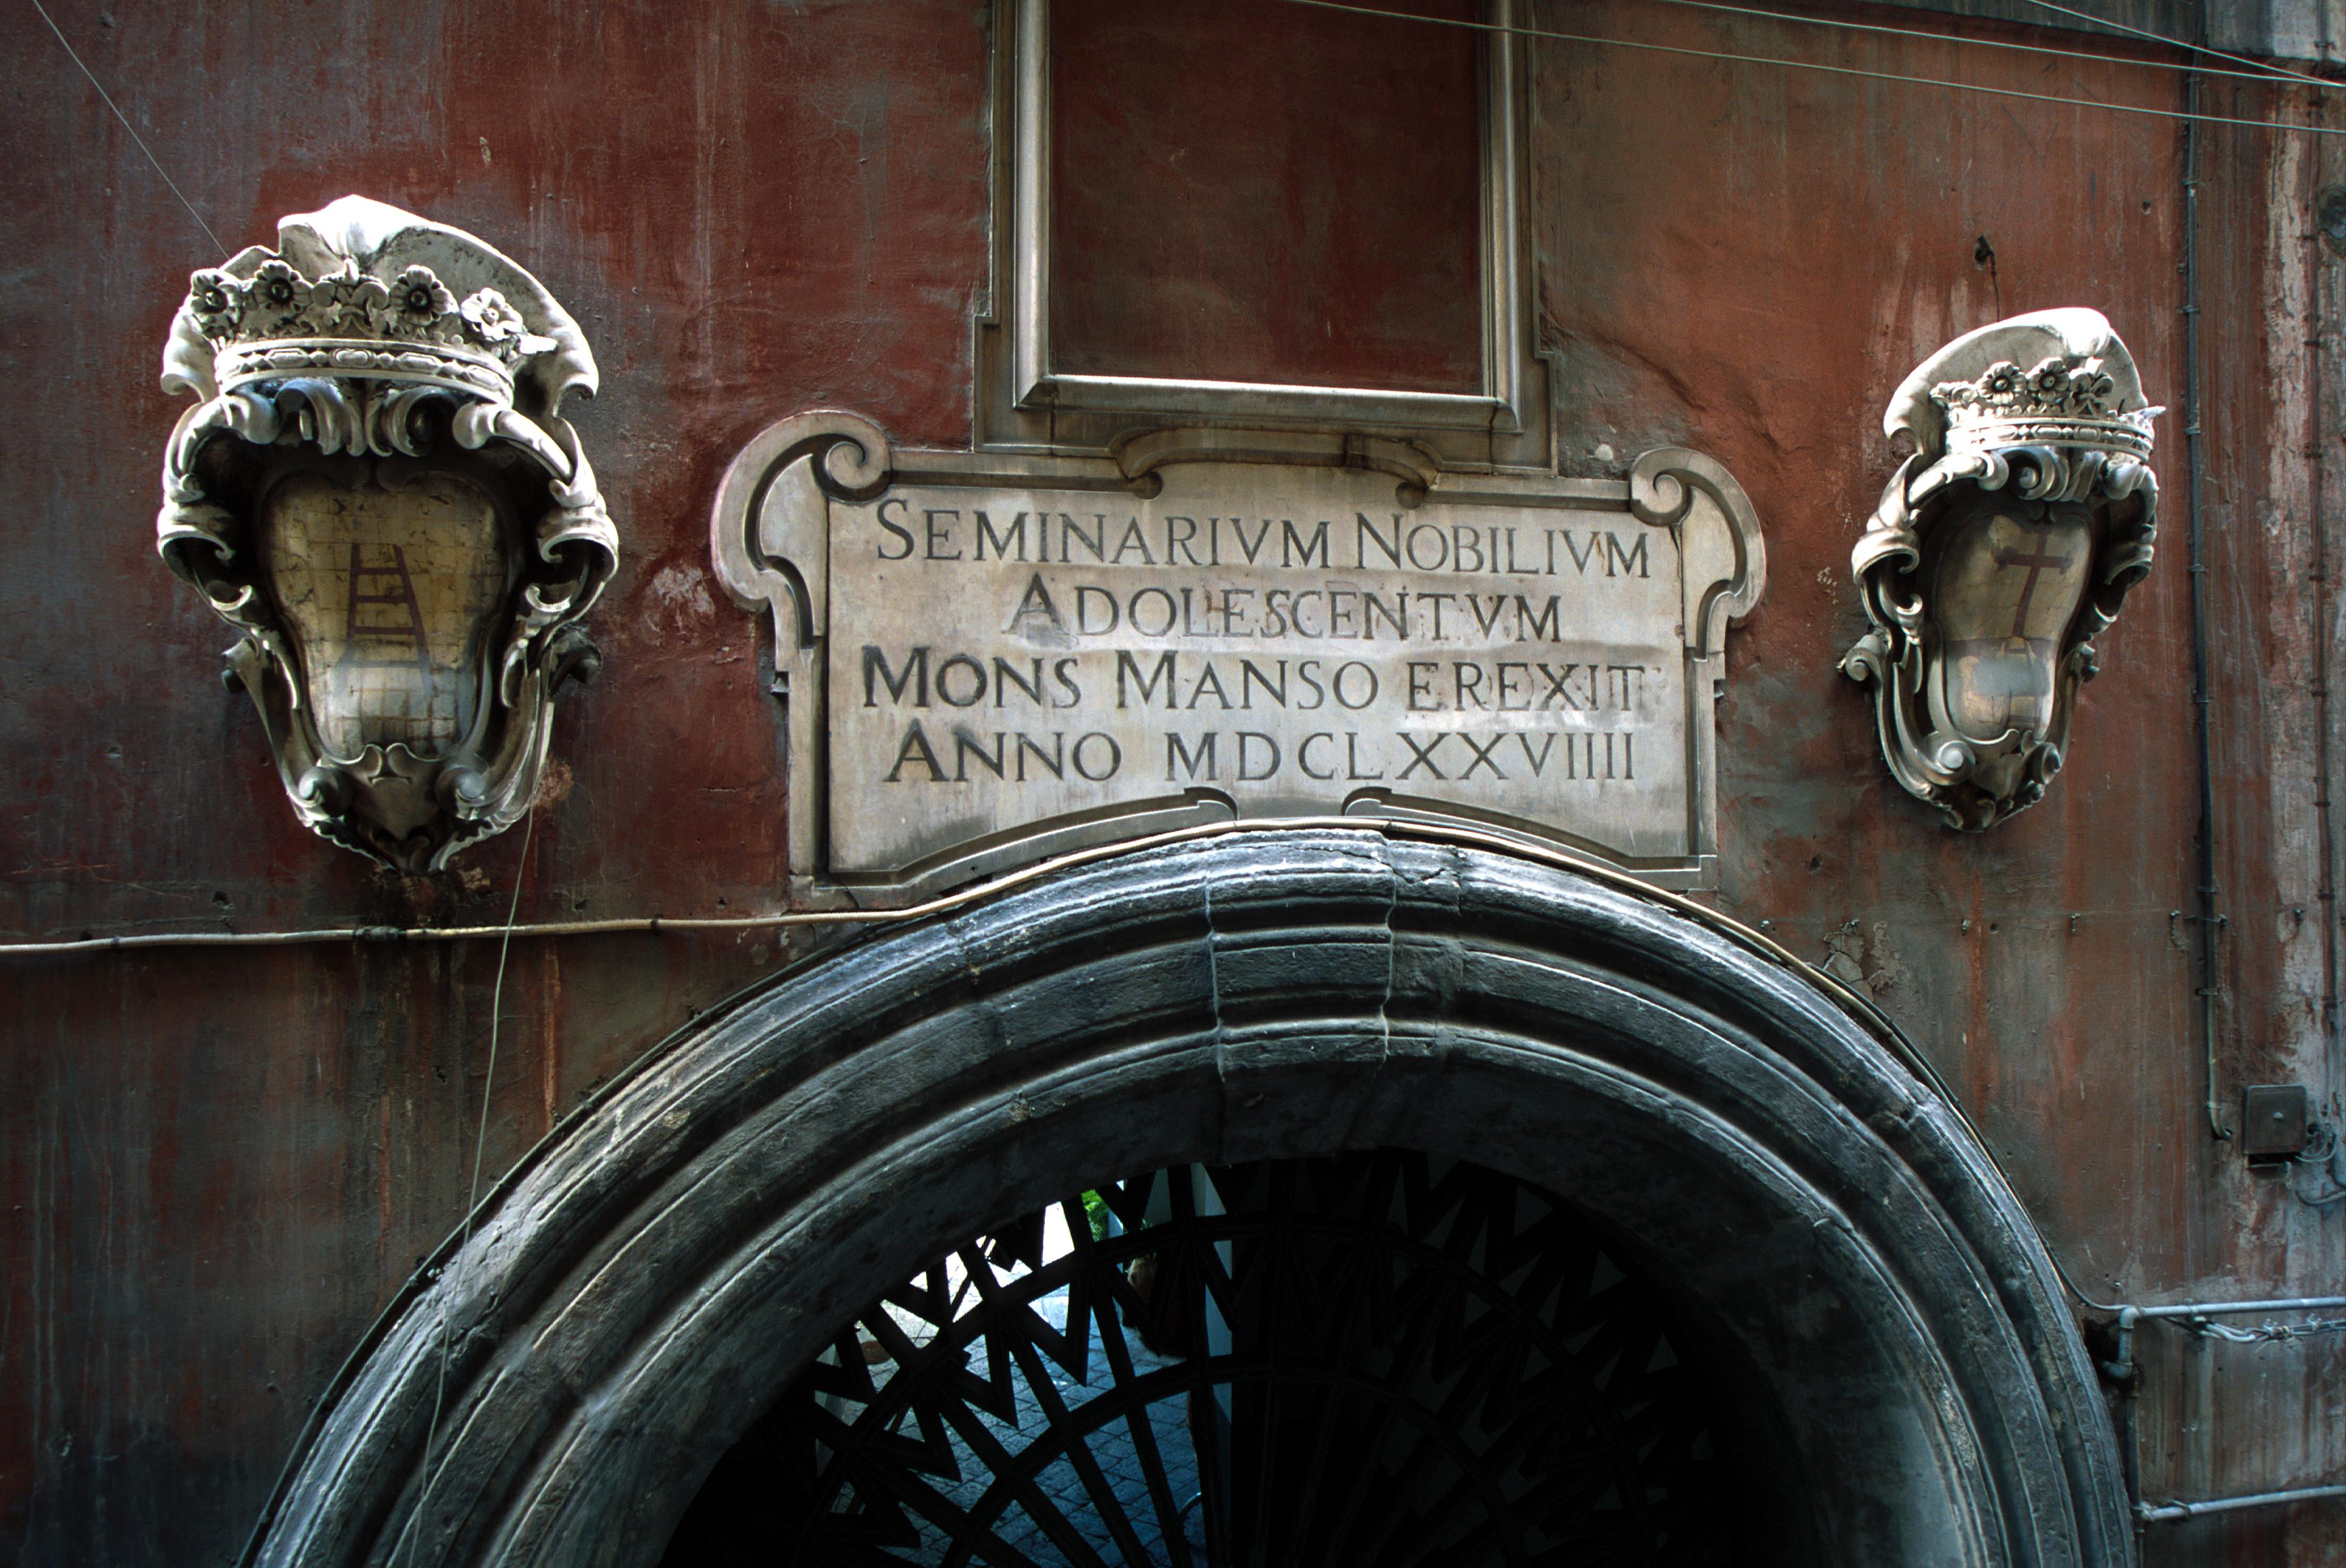 Seminario dei nobile - Lapide palazzo Manso